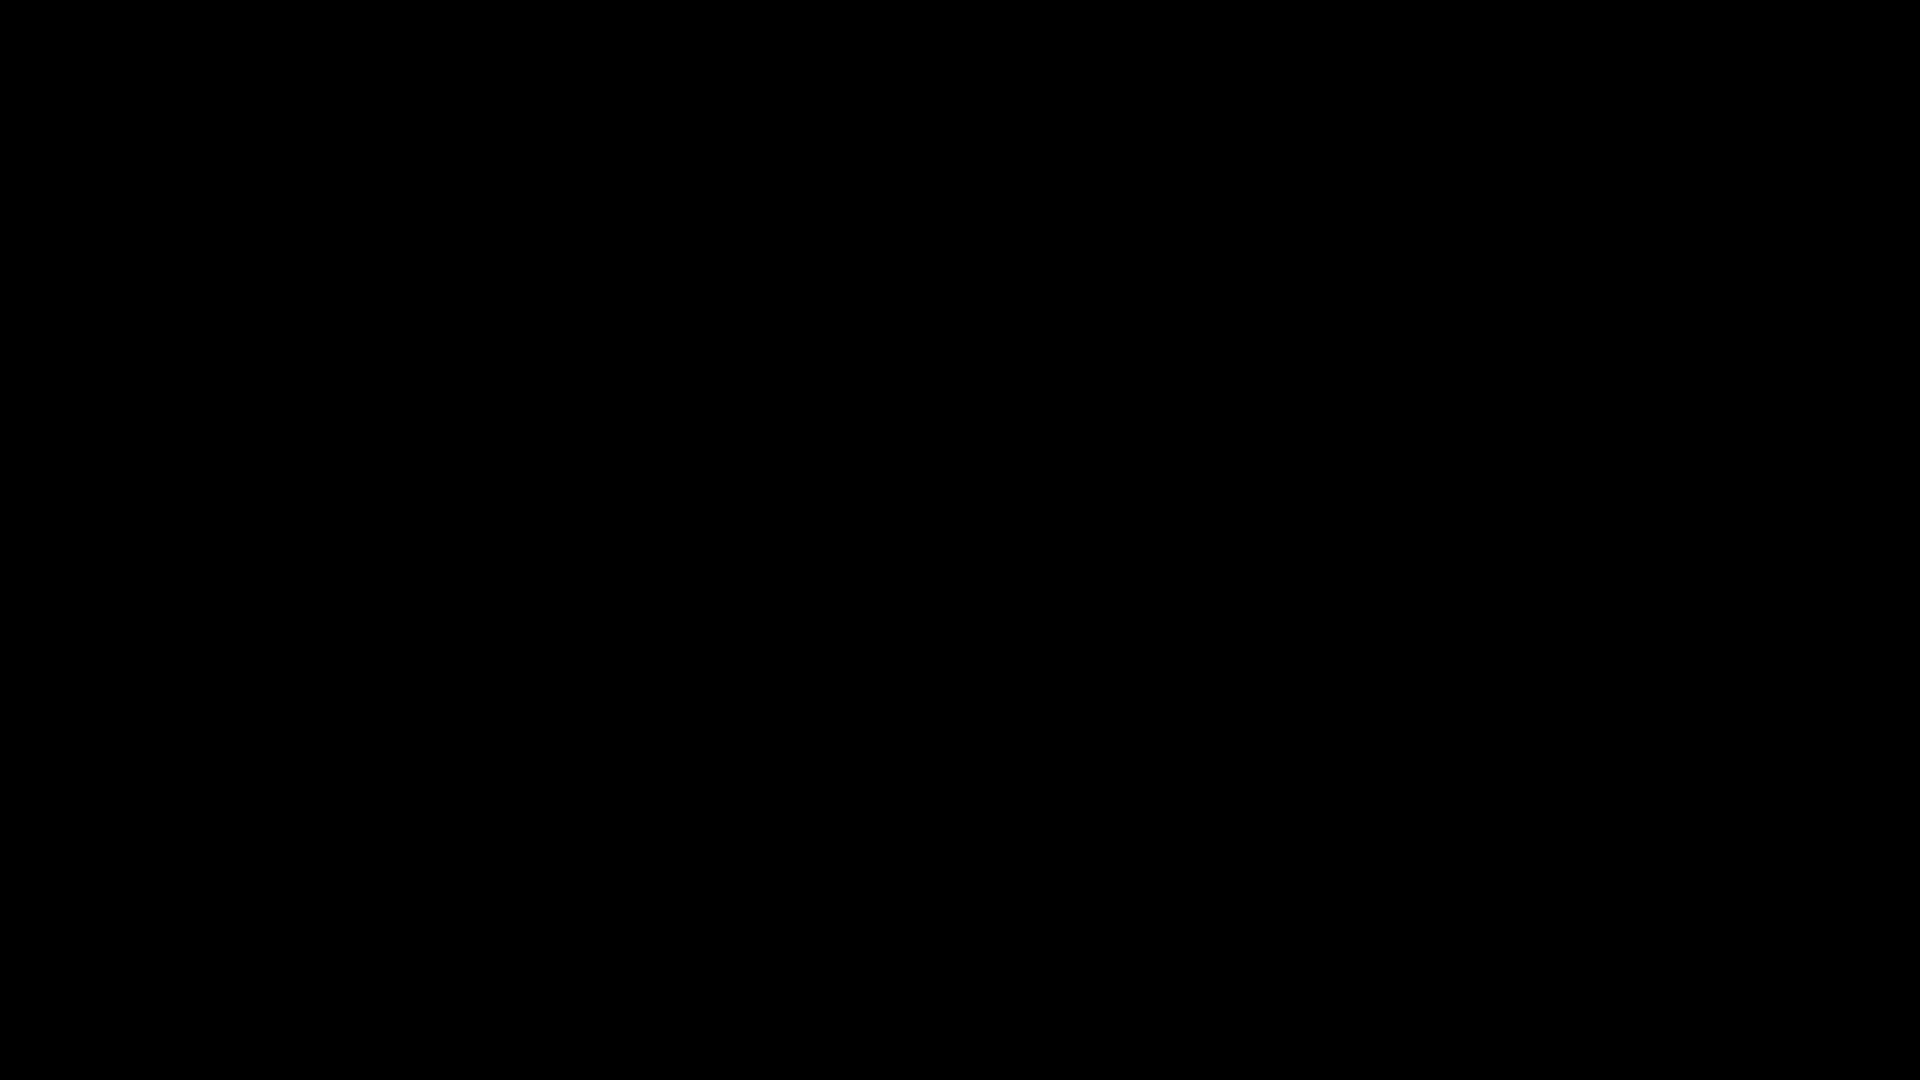 Bán buôn 613 Cô Gái Tóc Vàng Virgin Sóng Tóc Sâu, Mật Ong Vàng Brazil Dệt Tóc Con Người, trinh nữ Chồn 613 Cô Gái Tóc Vàng Brazil Tóc Bó